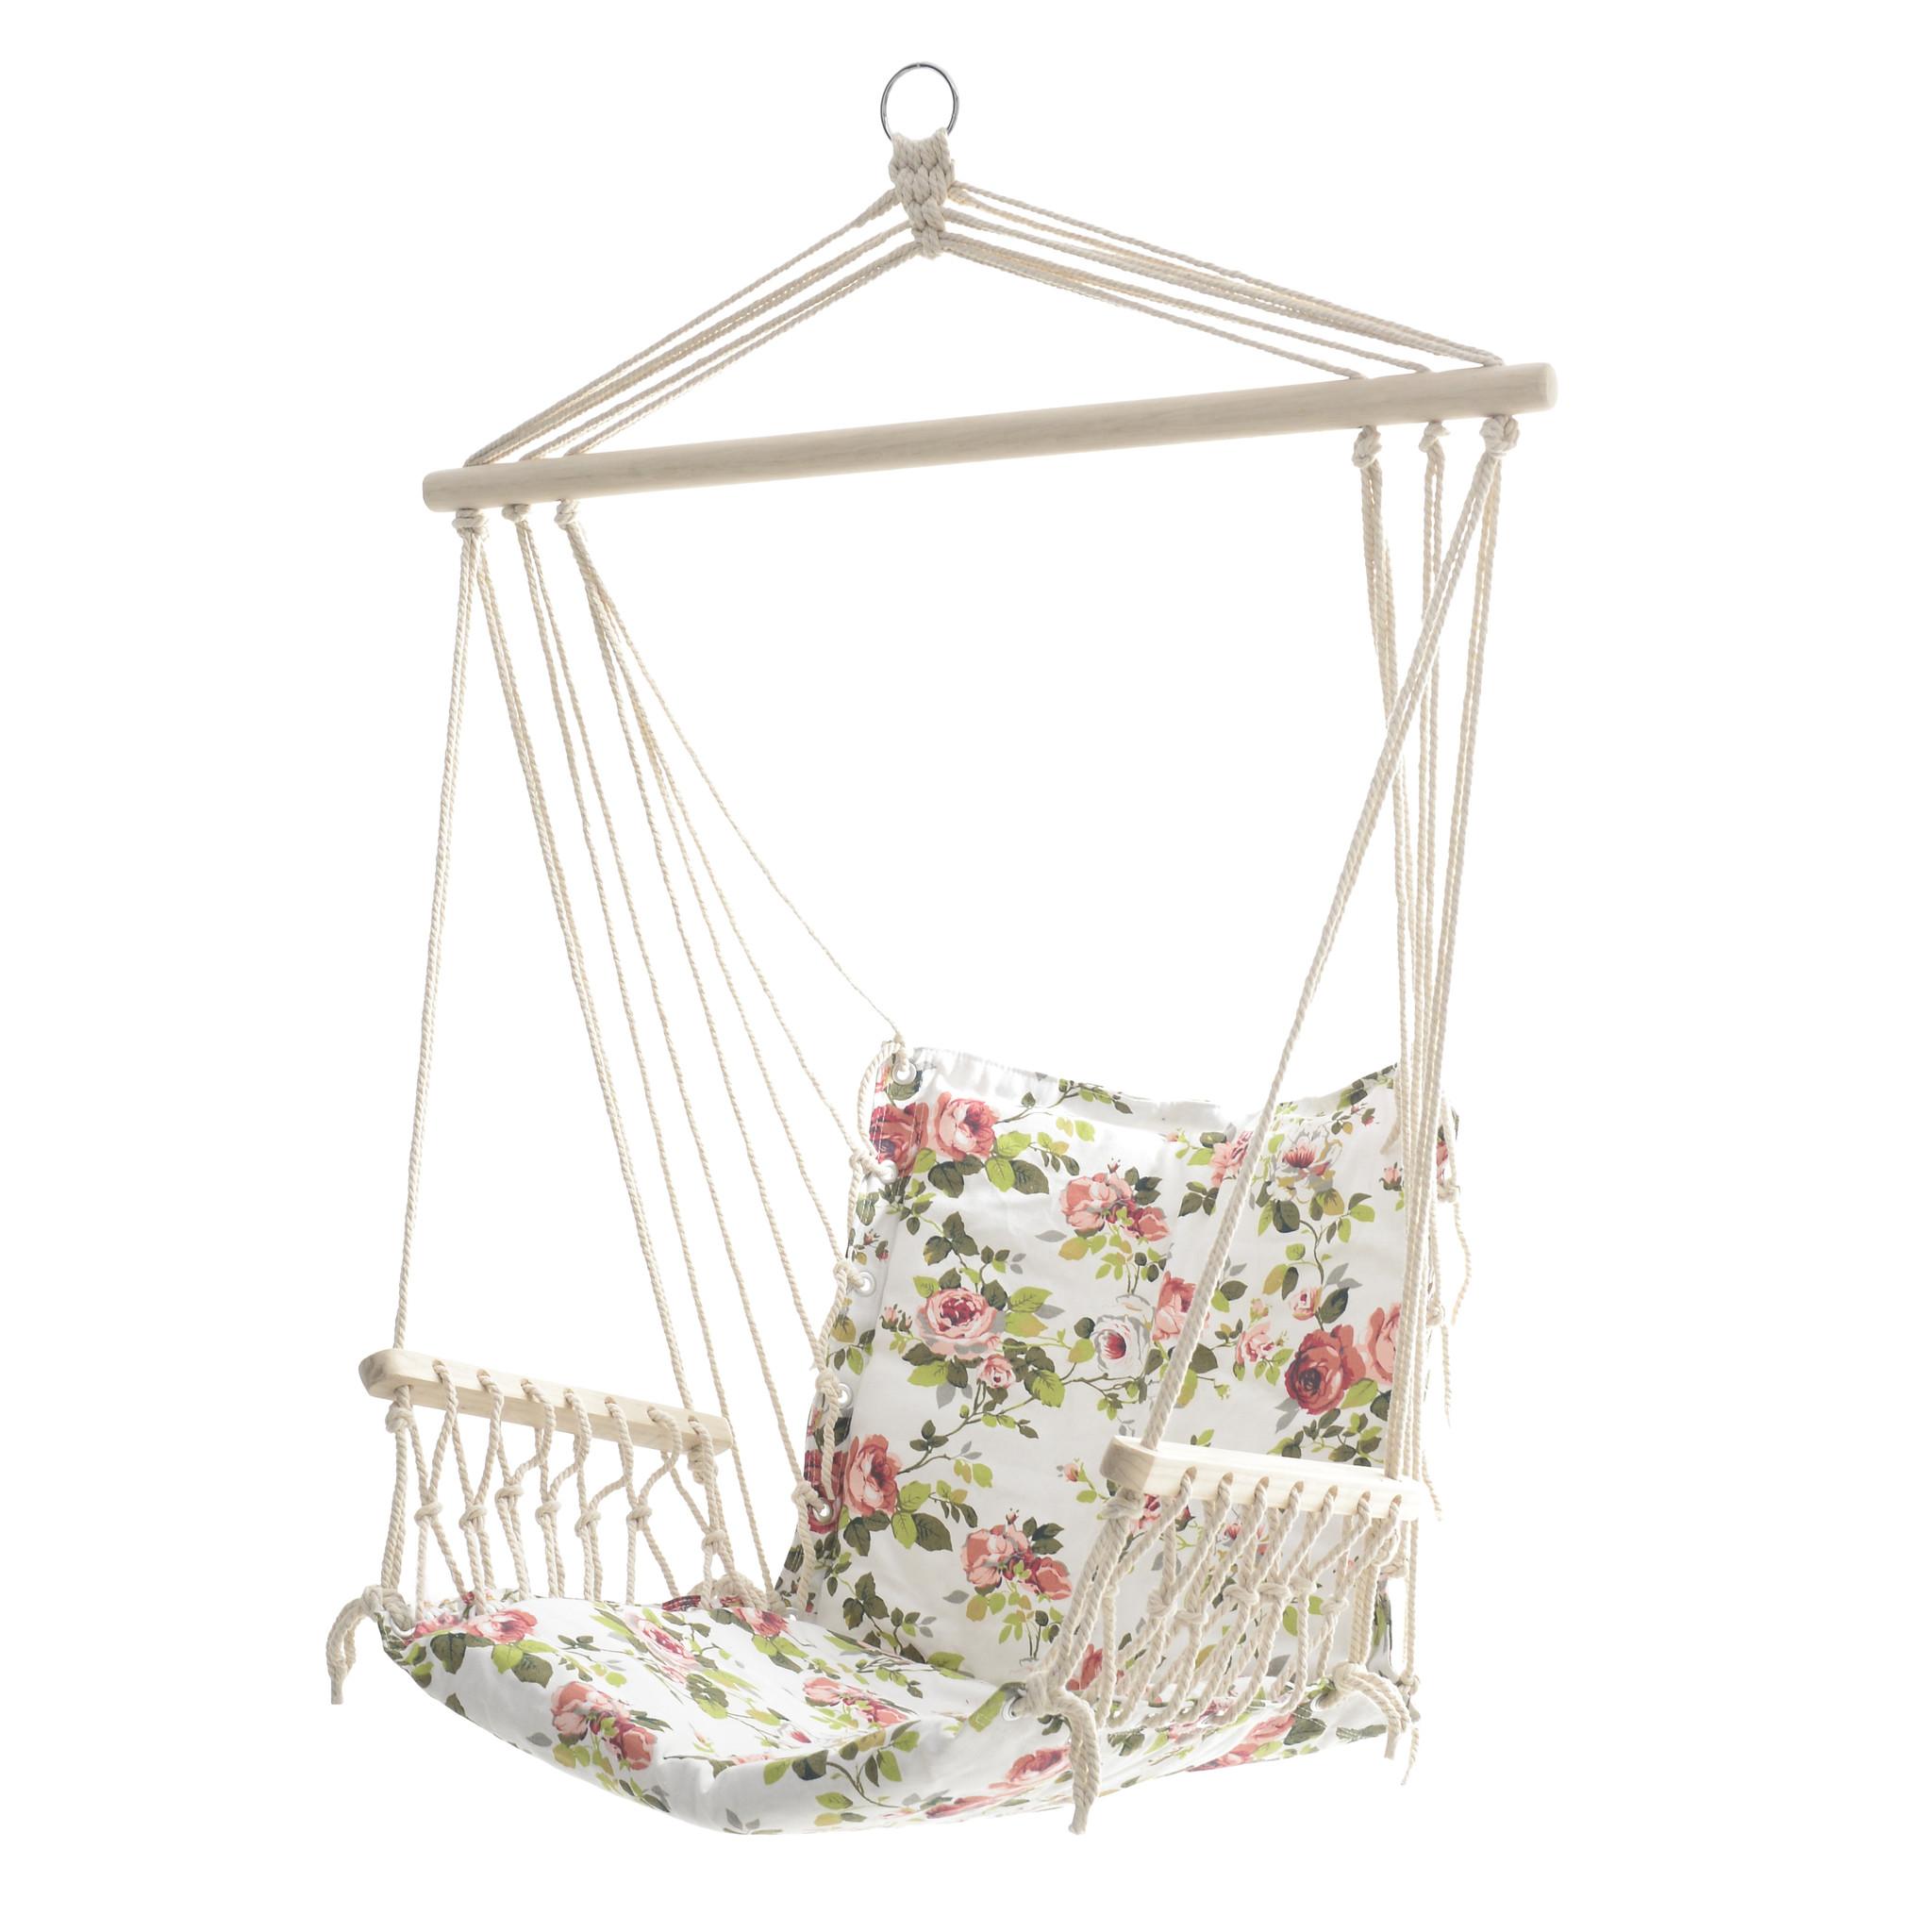 Кресло-гамак с цветочным принтом